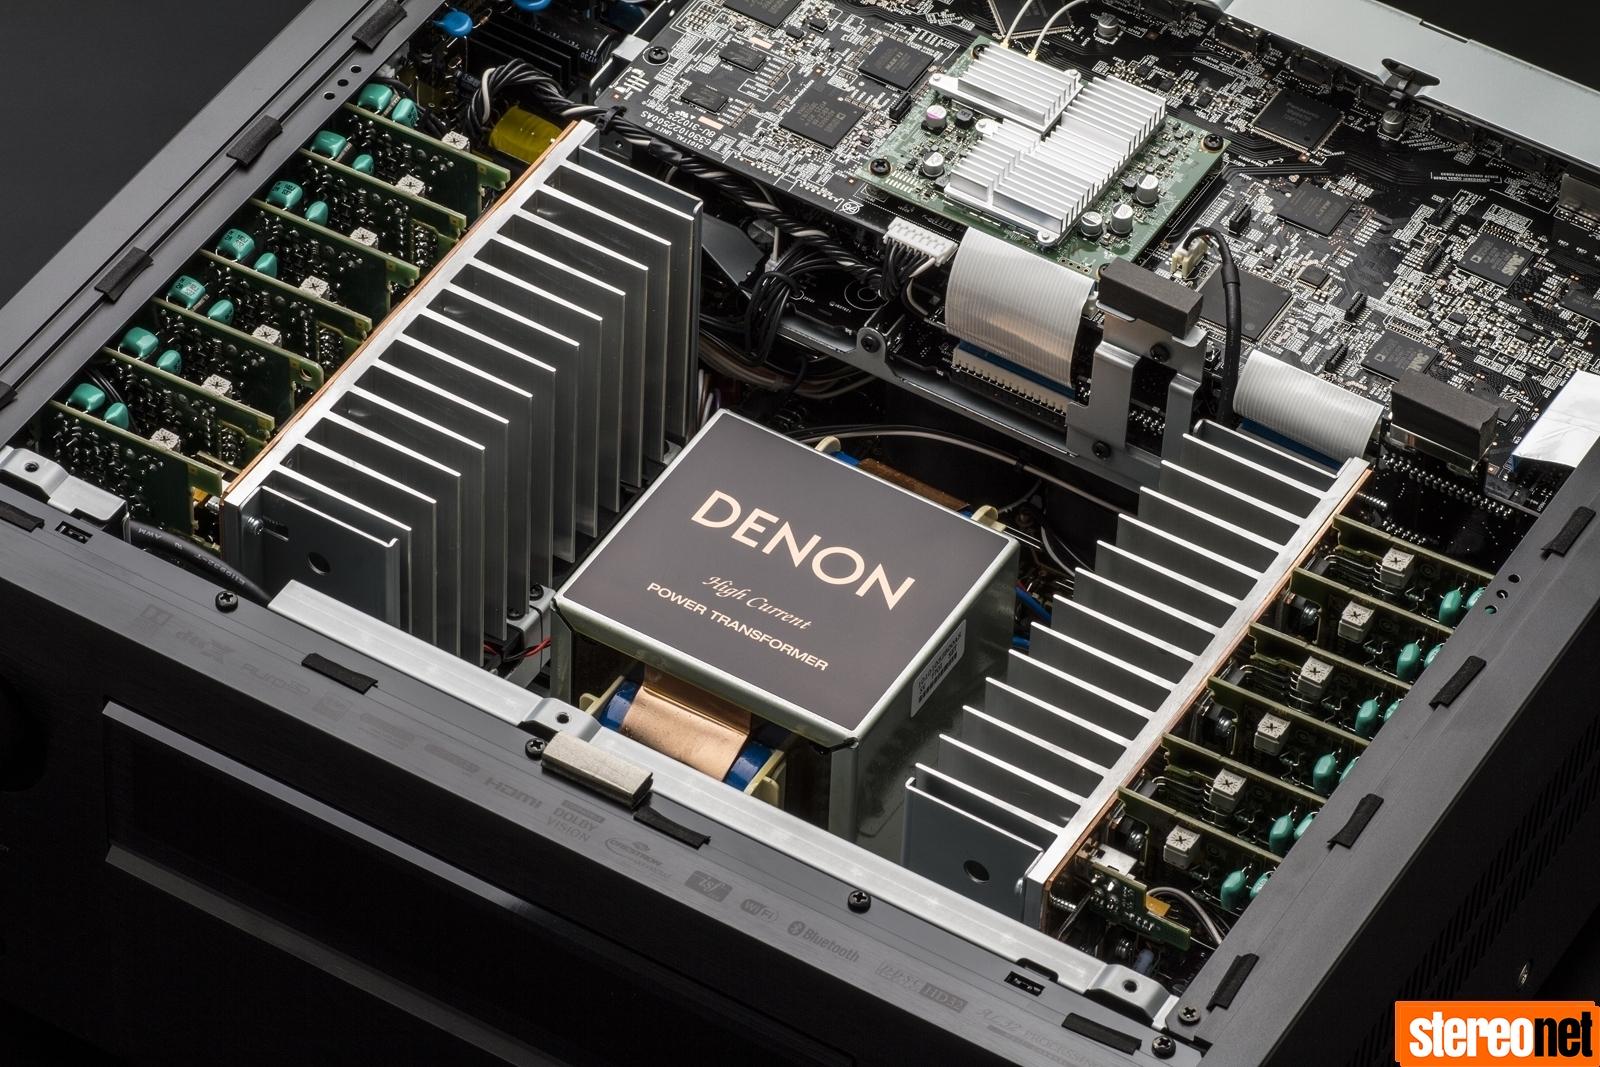 denon-avc-x8500h-review